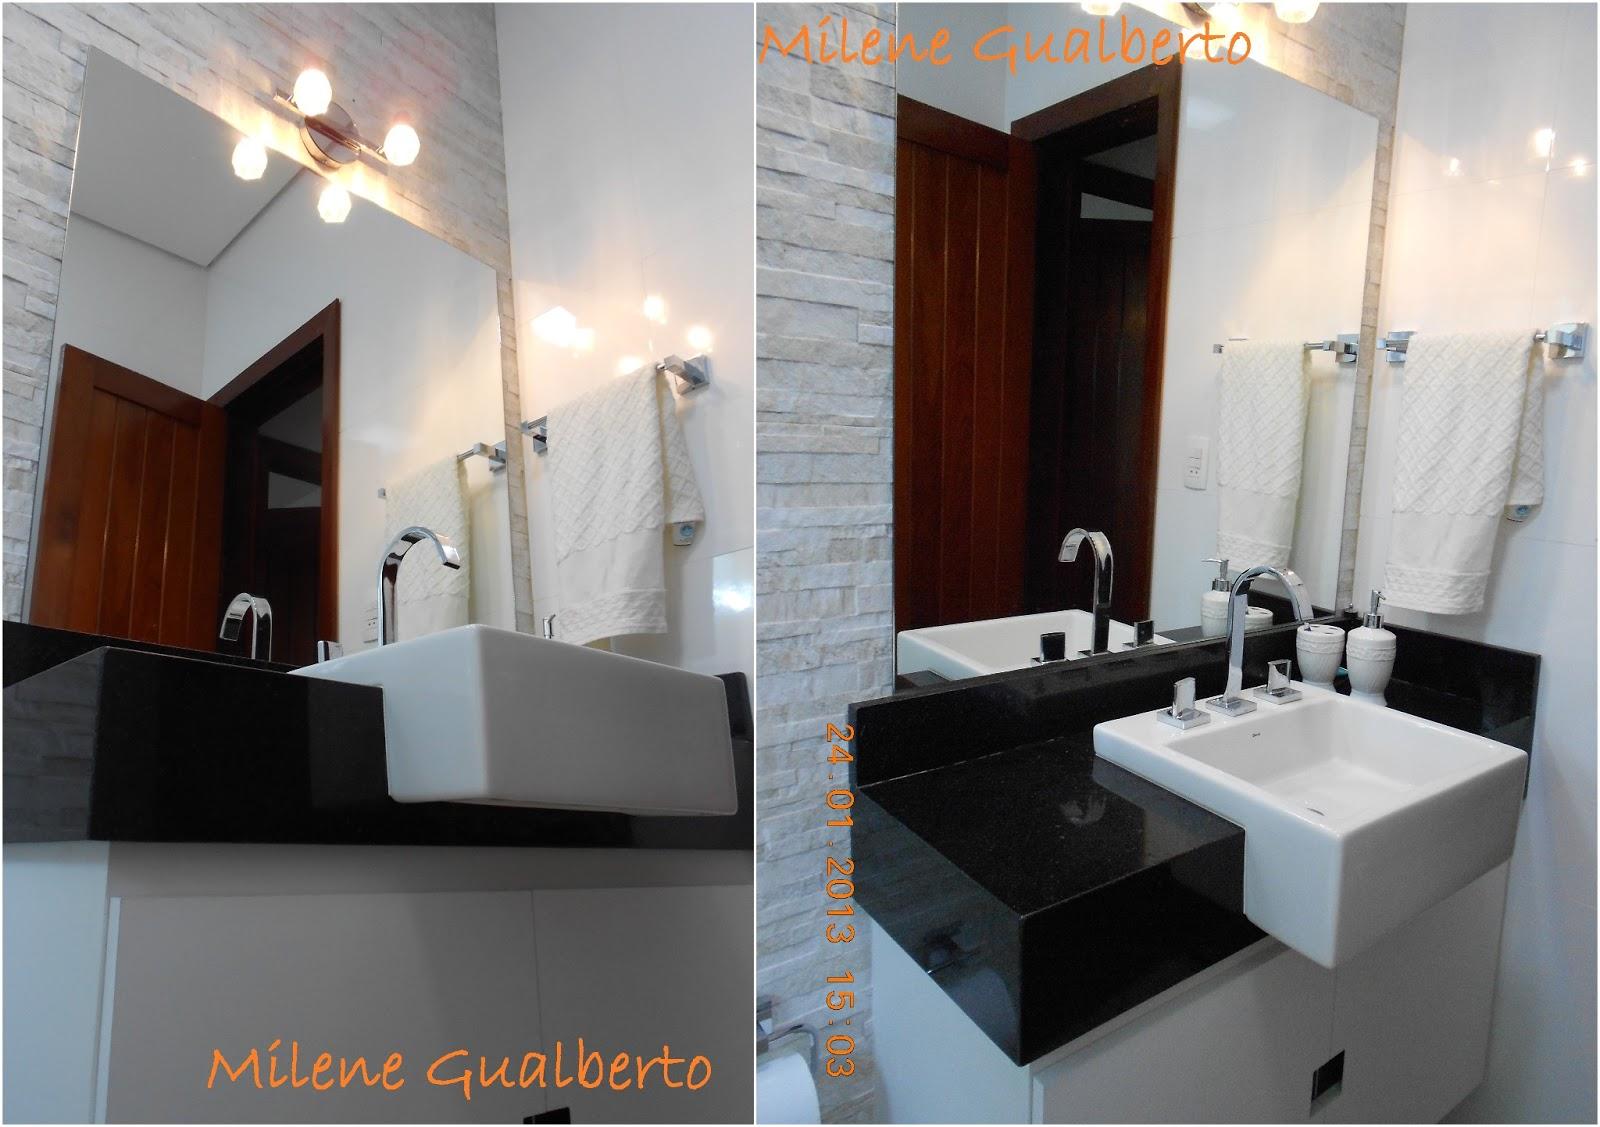 Milene Gualberto: Projetos Residênciais Banheiro Porcelanato HD #9F5C2C 1600x1127 Banheiro Bancada Porcelanato